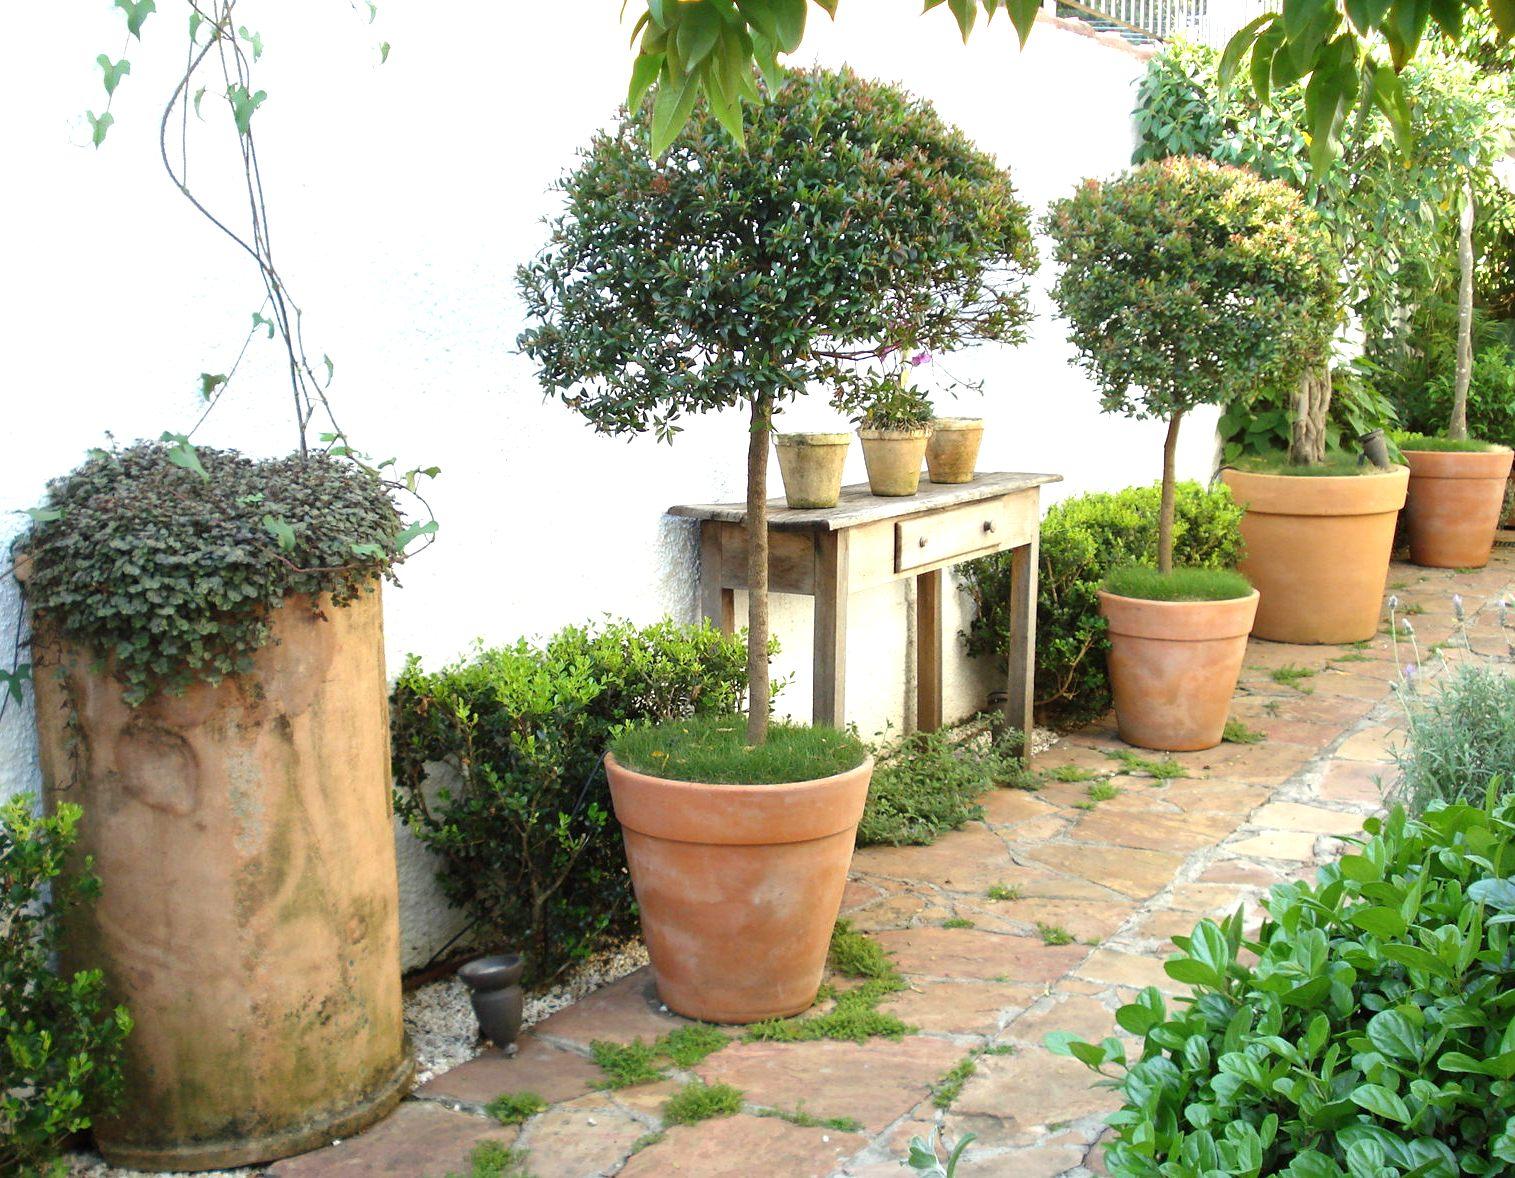 plantas de jardins tipos : plantas de jardins tipos: para dentro de casa um pouco da natureza e a maneira mais usada para